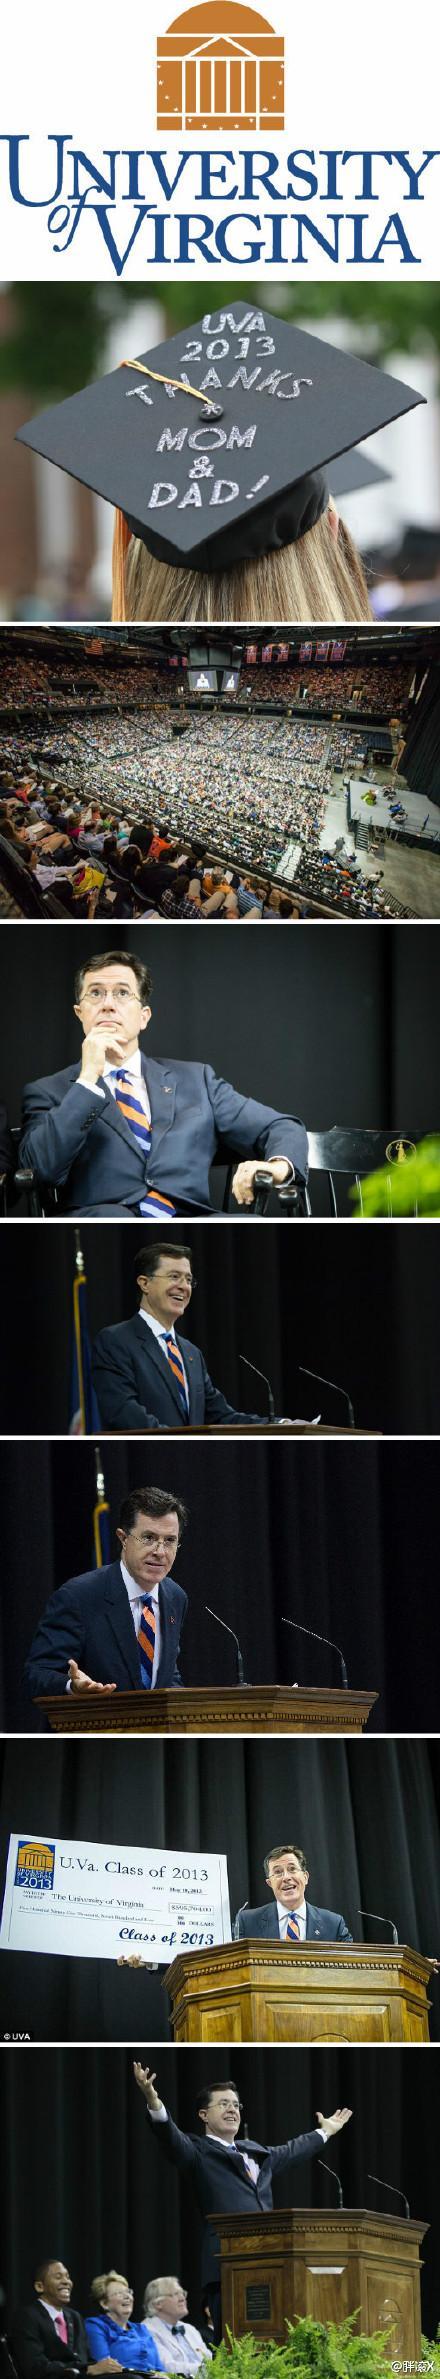 斯蒂芬·科尔伯特/扣扣熊(Stephen Colbert)弗吉尼亚大学2013届毕业典礼演讲